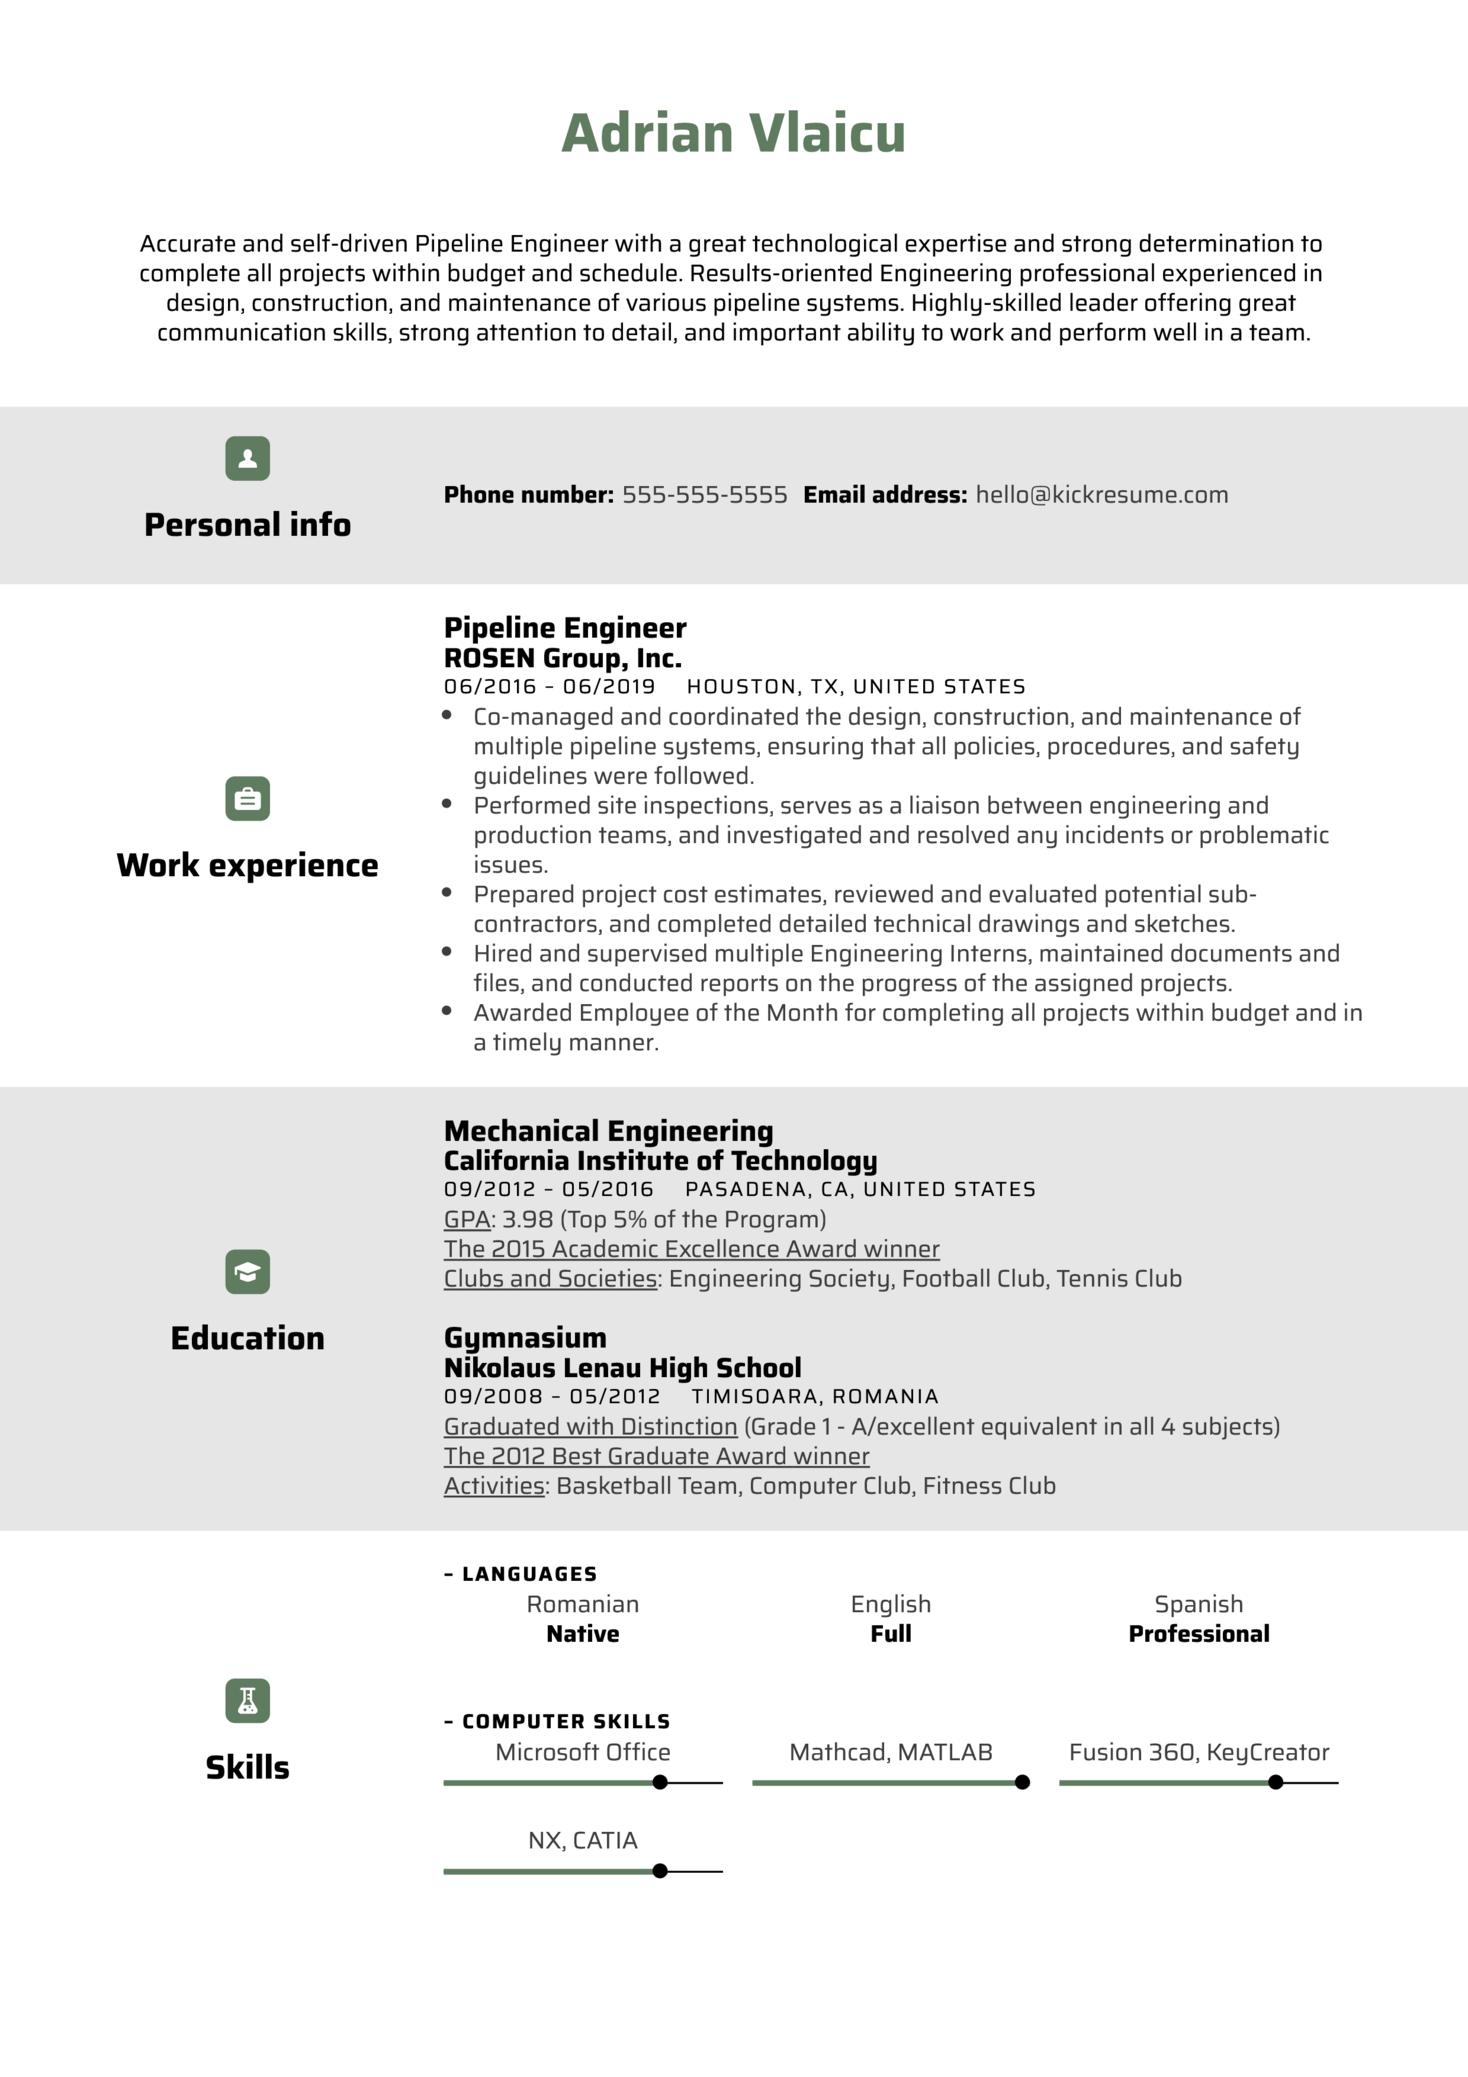 Pipeline Engineer Resume Sample (parte 1)